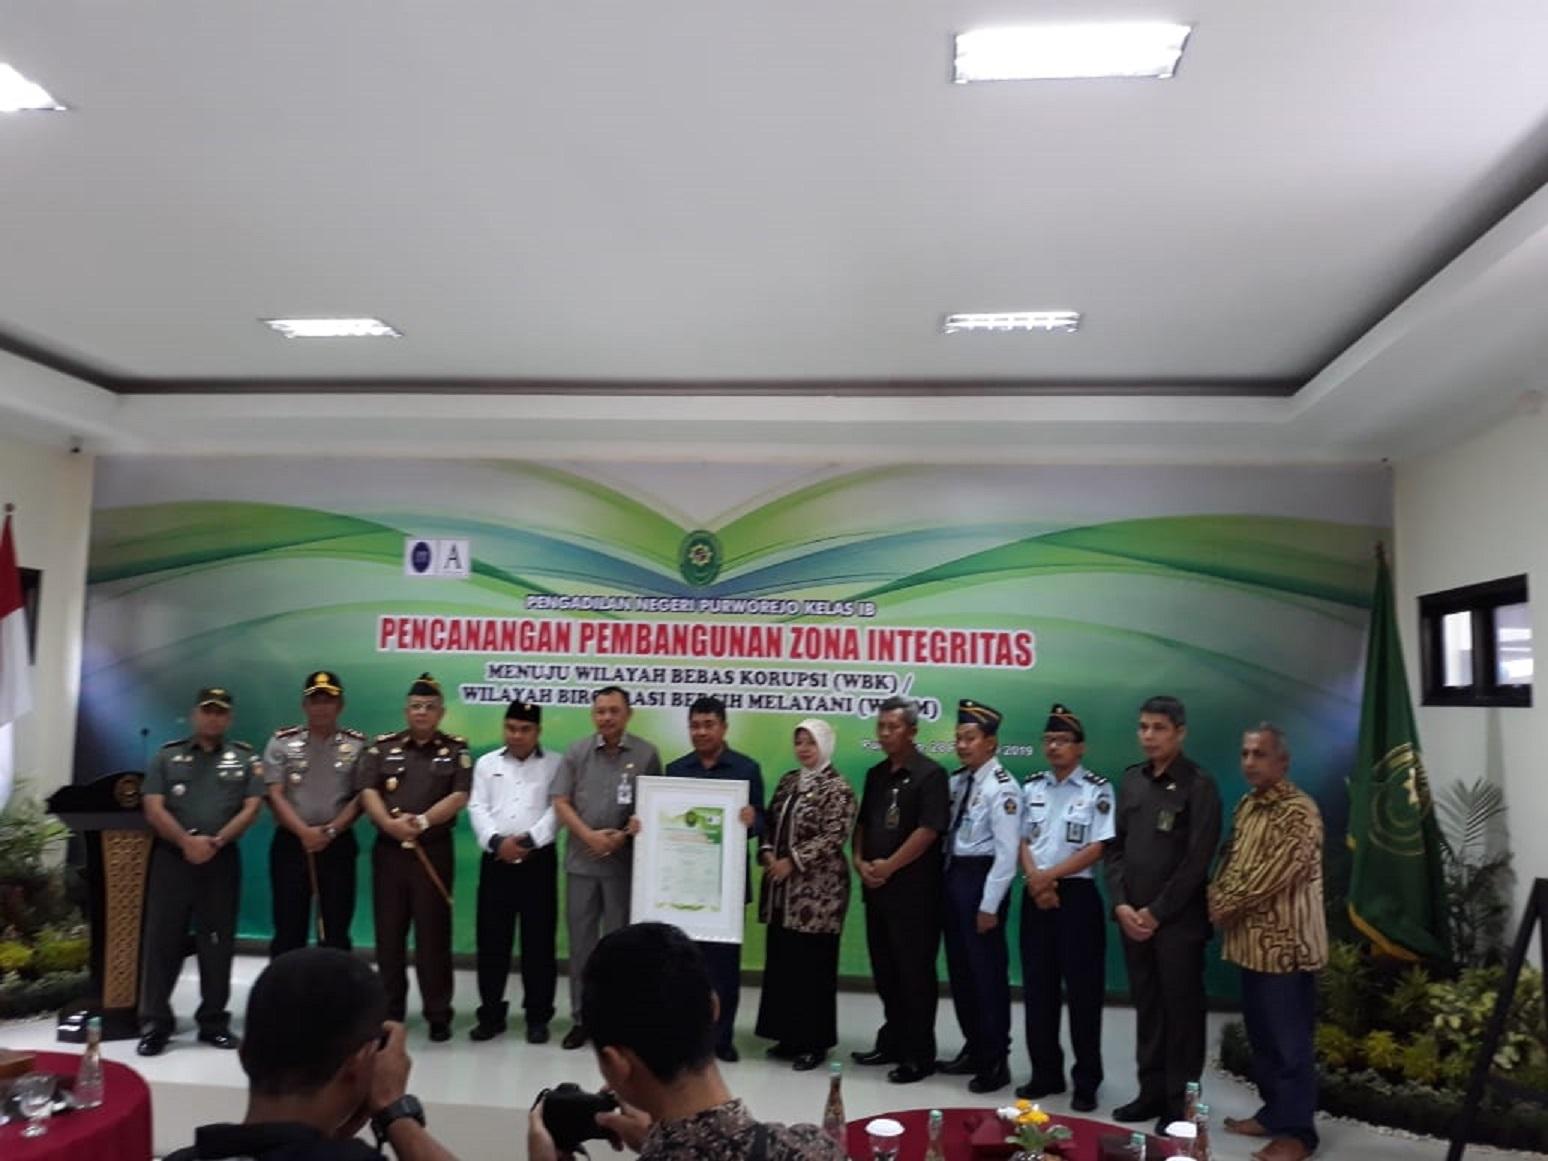 Pengadilan Negeri Purworejo Ikrar mewujudkan Zona Integritas menuju Wilayah Bebas Korupsi (WBK) dan Wilayah Birokrasi Bersih Melayani (WBBM)